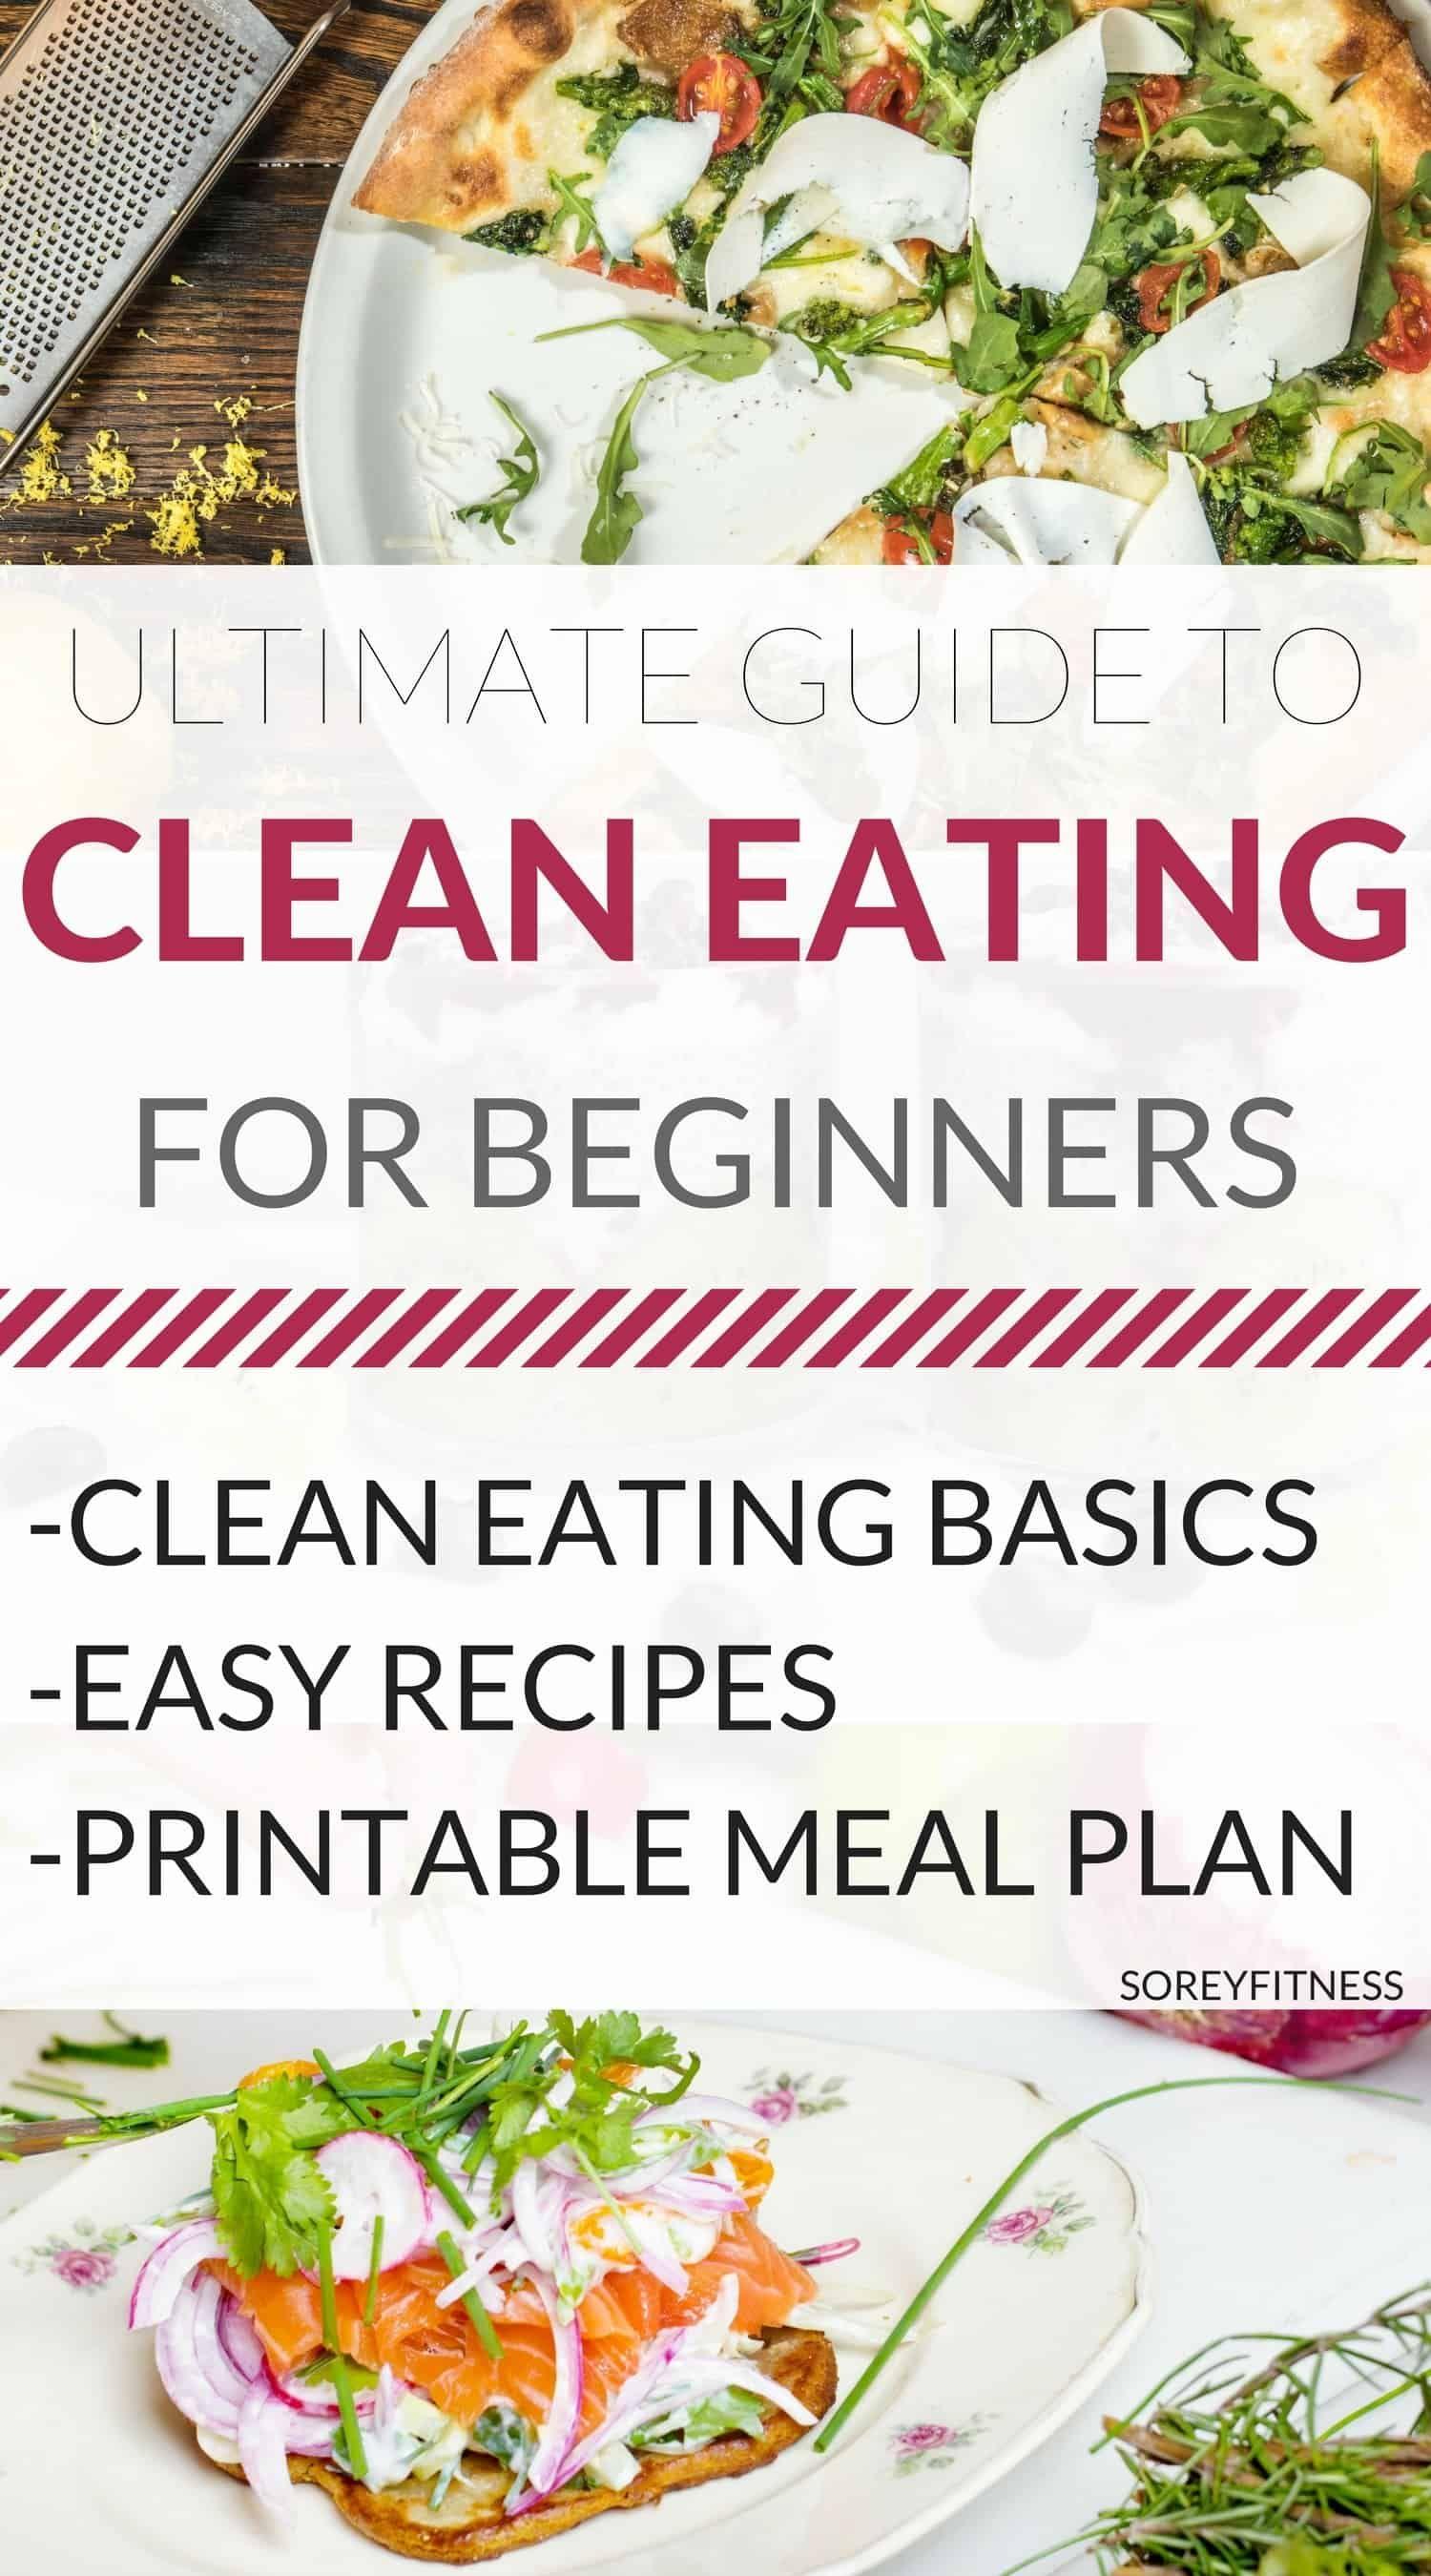 Clean Eating for Beginners [Ultimate Guide + Printable Meal Plan] #cleaneatingforbeginners